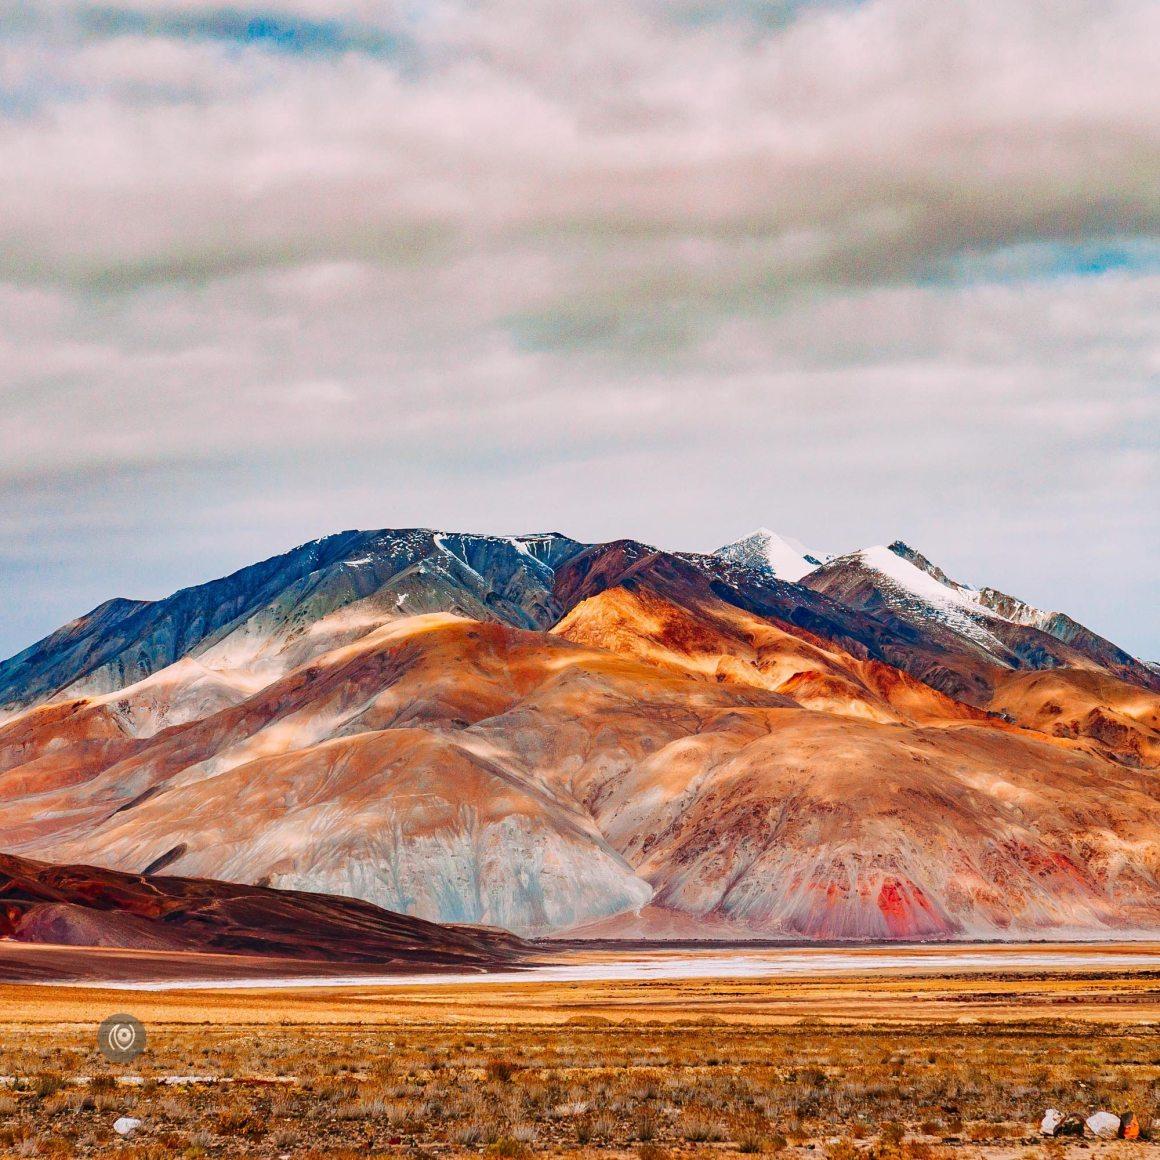 Naina.co, #Landscape, #EyesForDestinations, Ladakh, Leh, India, Travel, Professional Photographer, Photo Prints, #EyesforIndia, Color, Colour, Colorful, Rainbow, Rainbow Mountains, Mountains, Mountain Ranges, Travel Photographer, Lifestyle Photographer, Luxury Photographer, Travel Blogger, Lifestyle Blogger, Luxury Blogger, Blogger